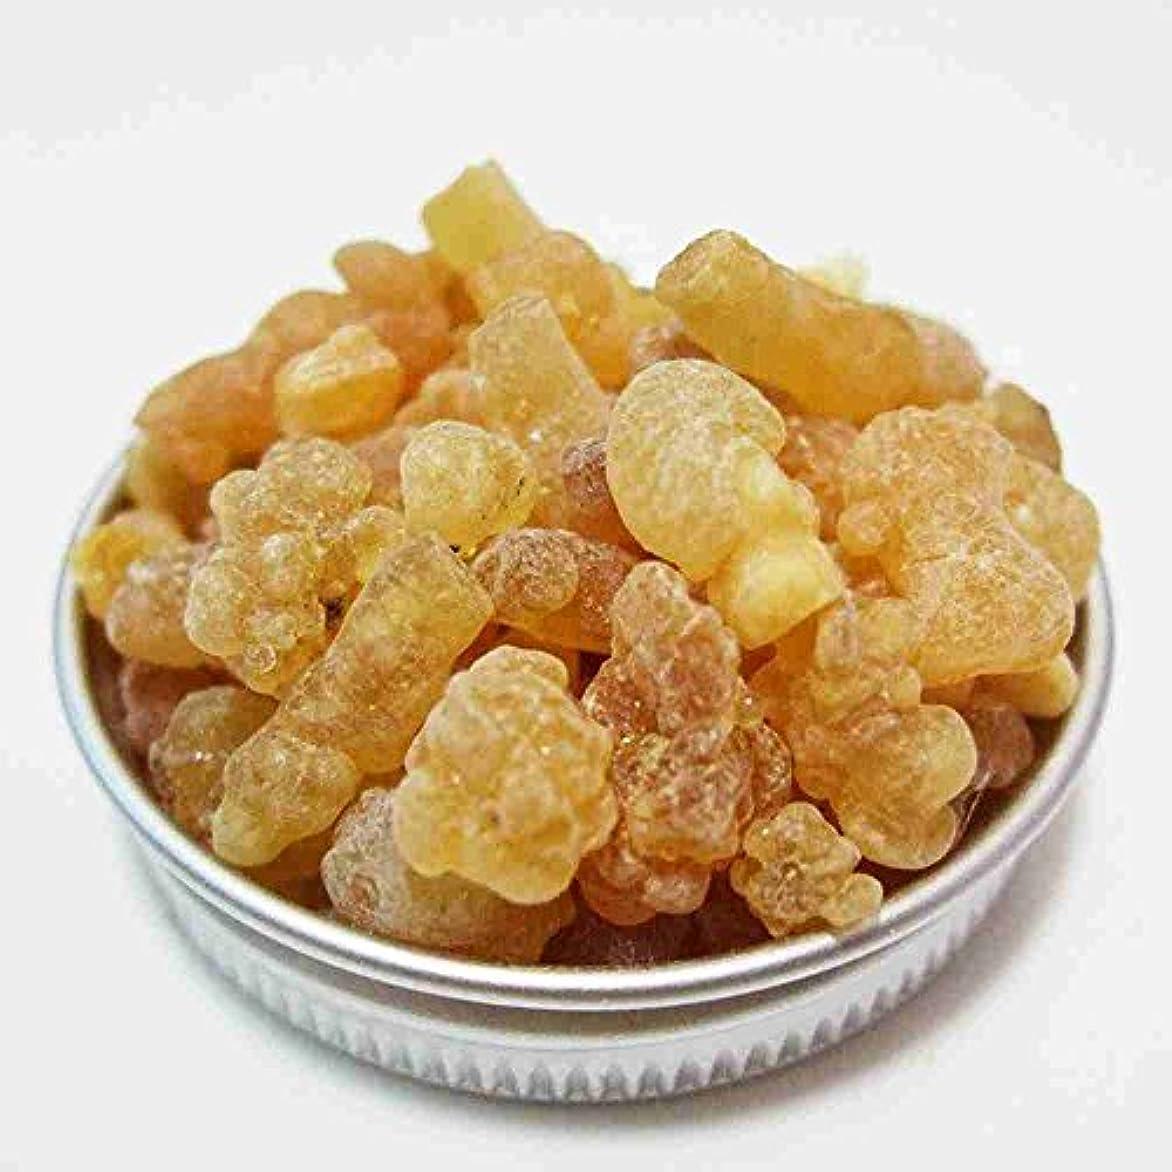 インキュバス郵便物アルカトラズ島フランキンセンス Frsnkincense (乳香) 天然樹脂香 フランキンセンス(乳香), 1 Ounce (28 g)